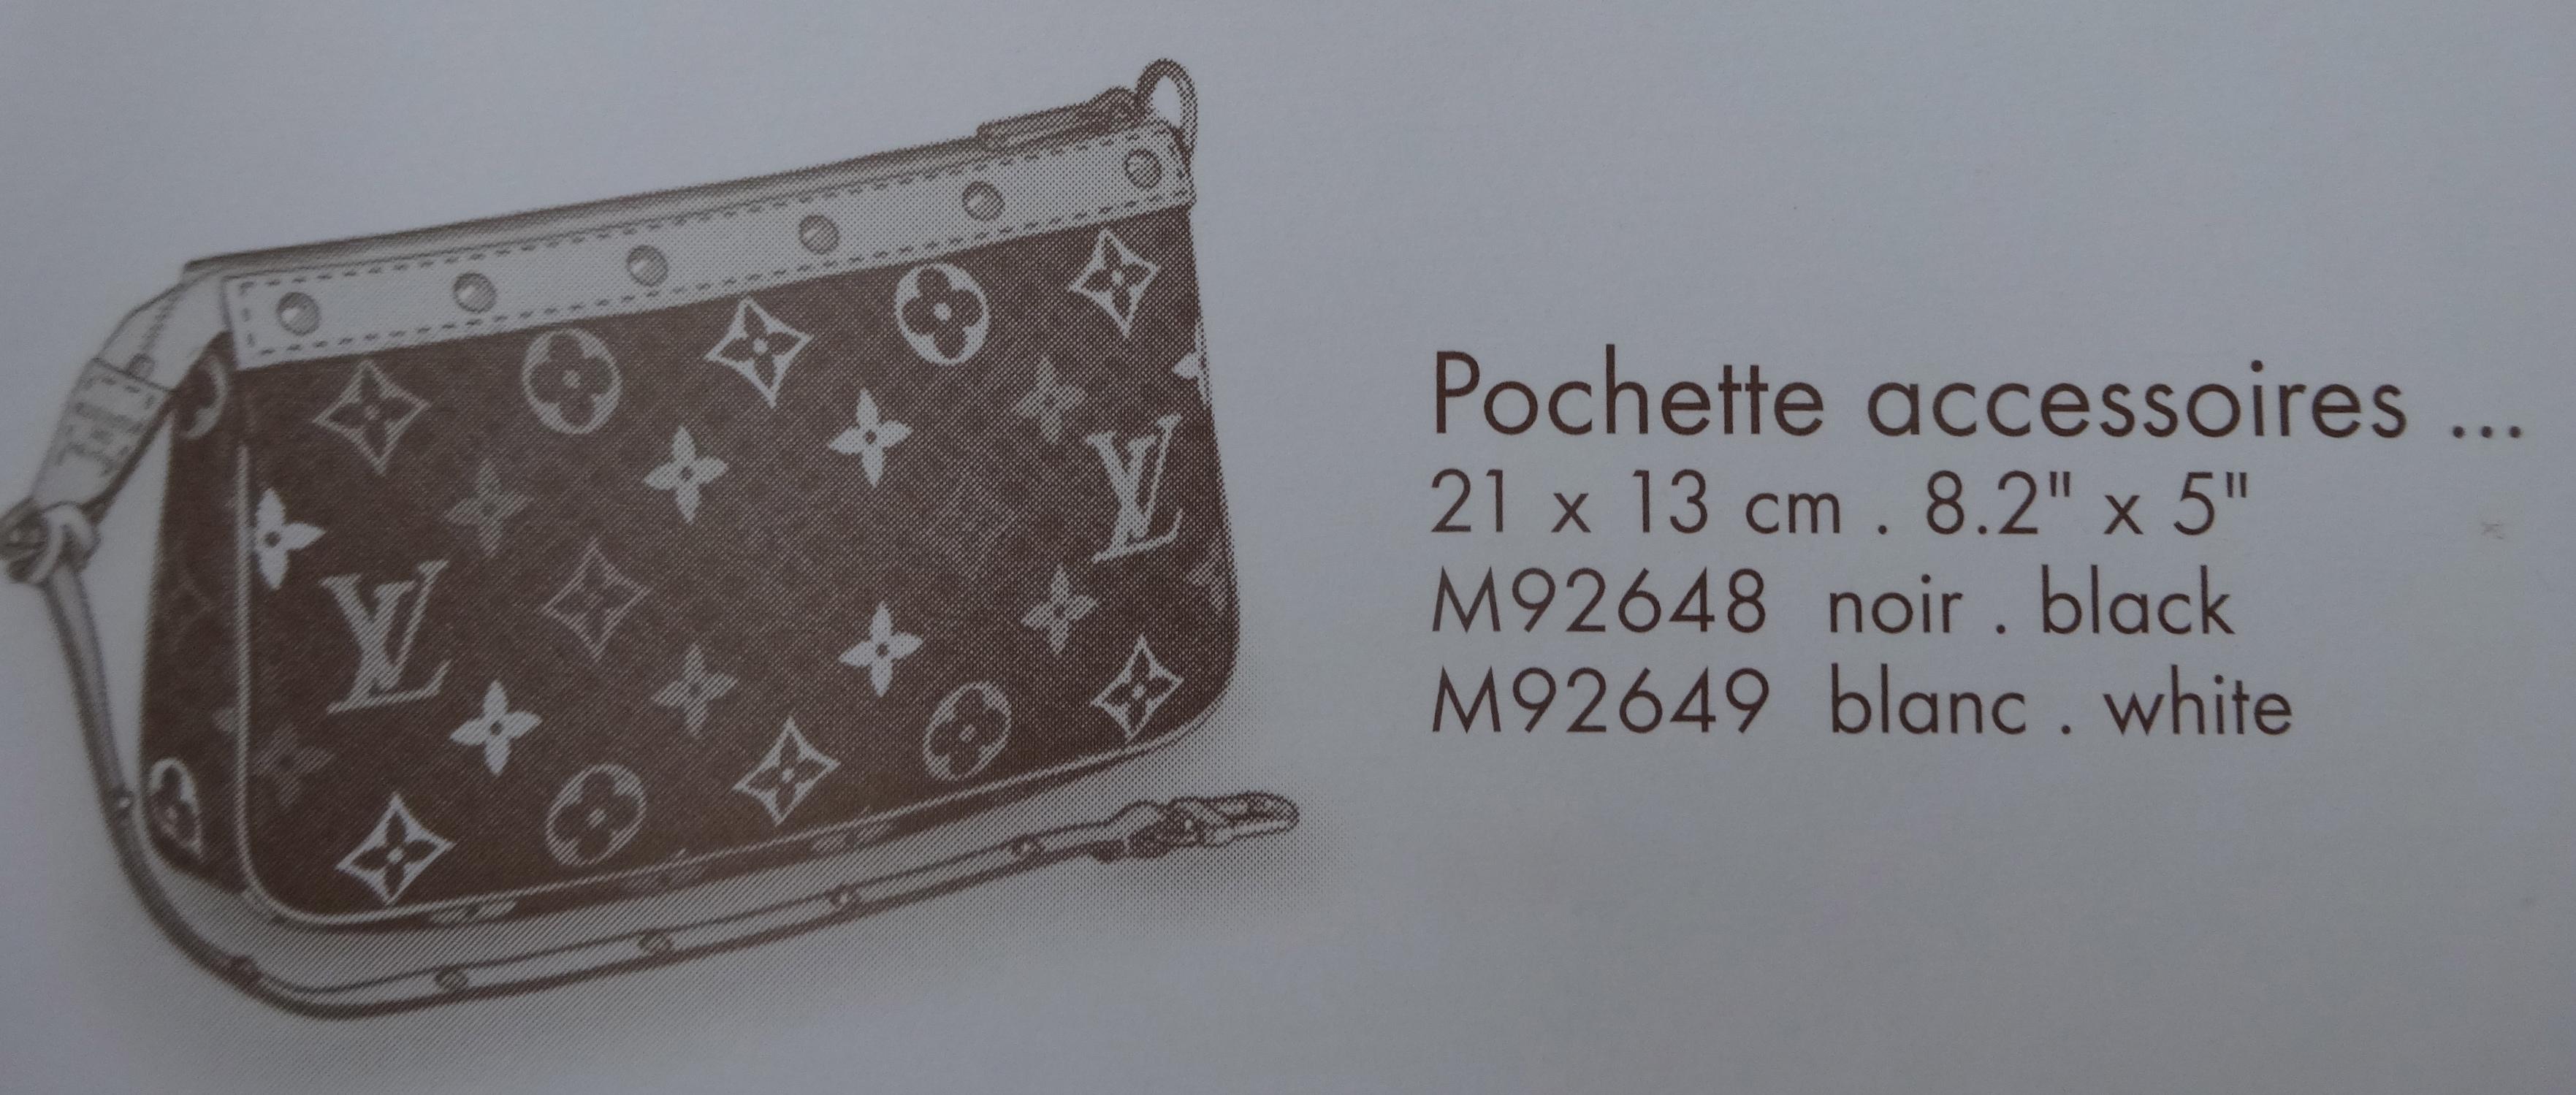 Le Catalogue (c) Louis Vuitton